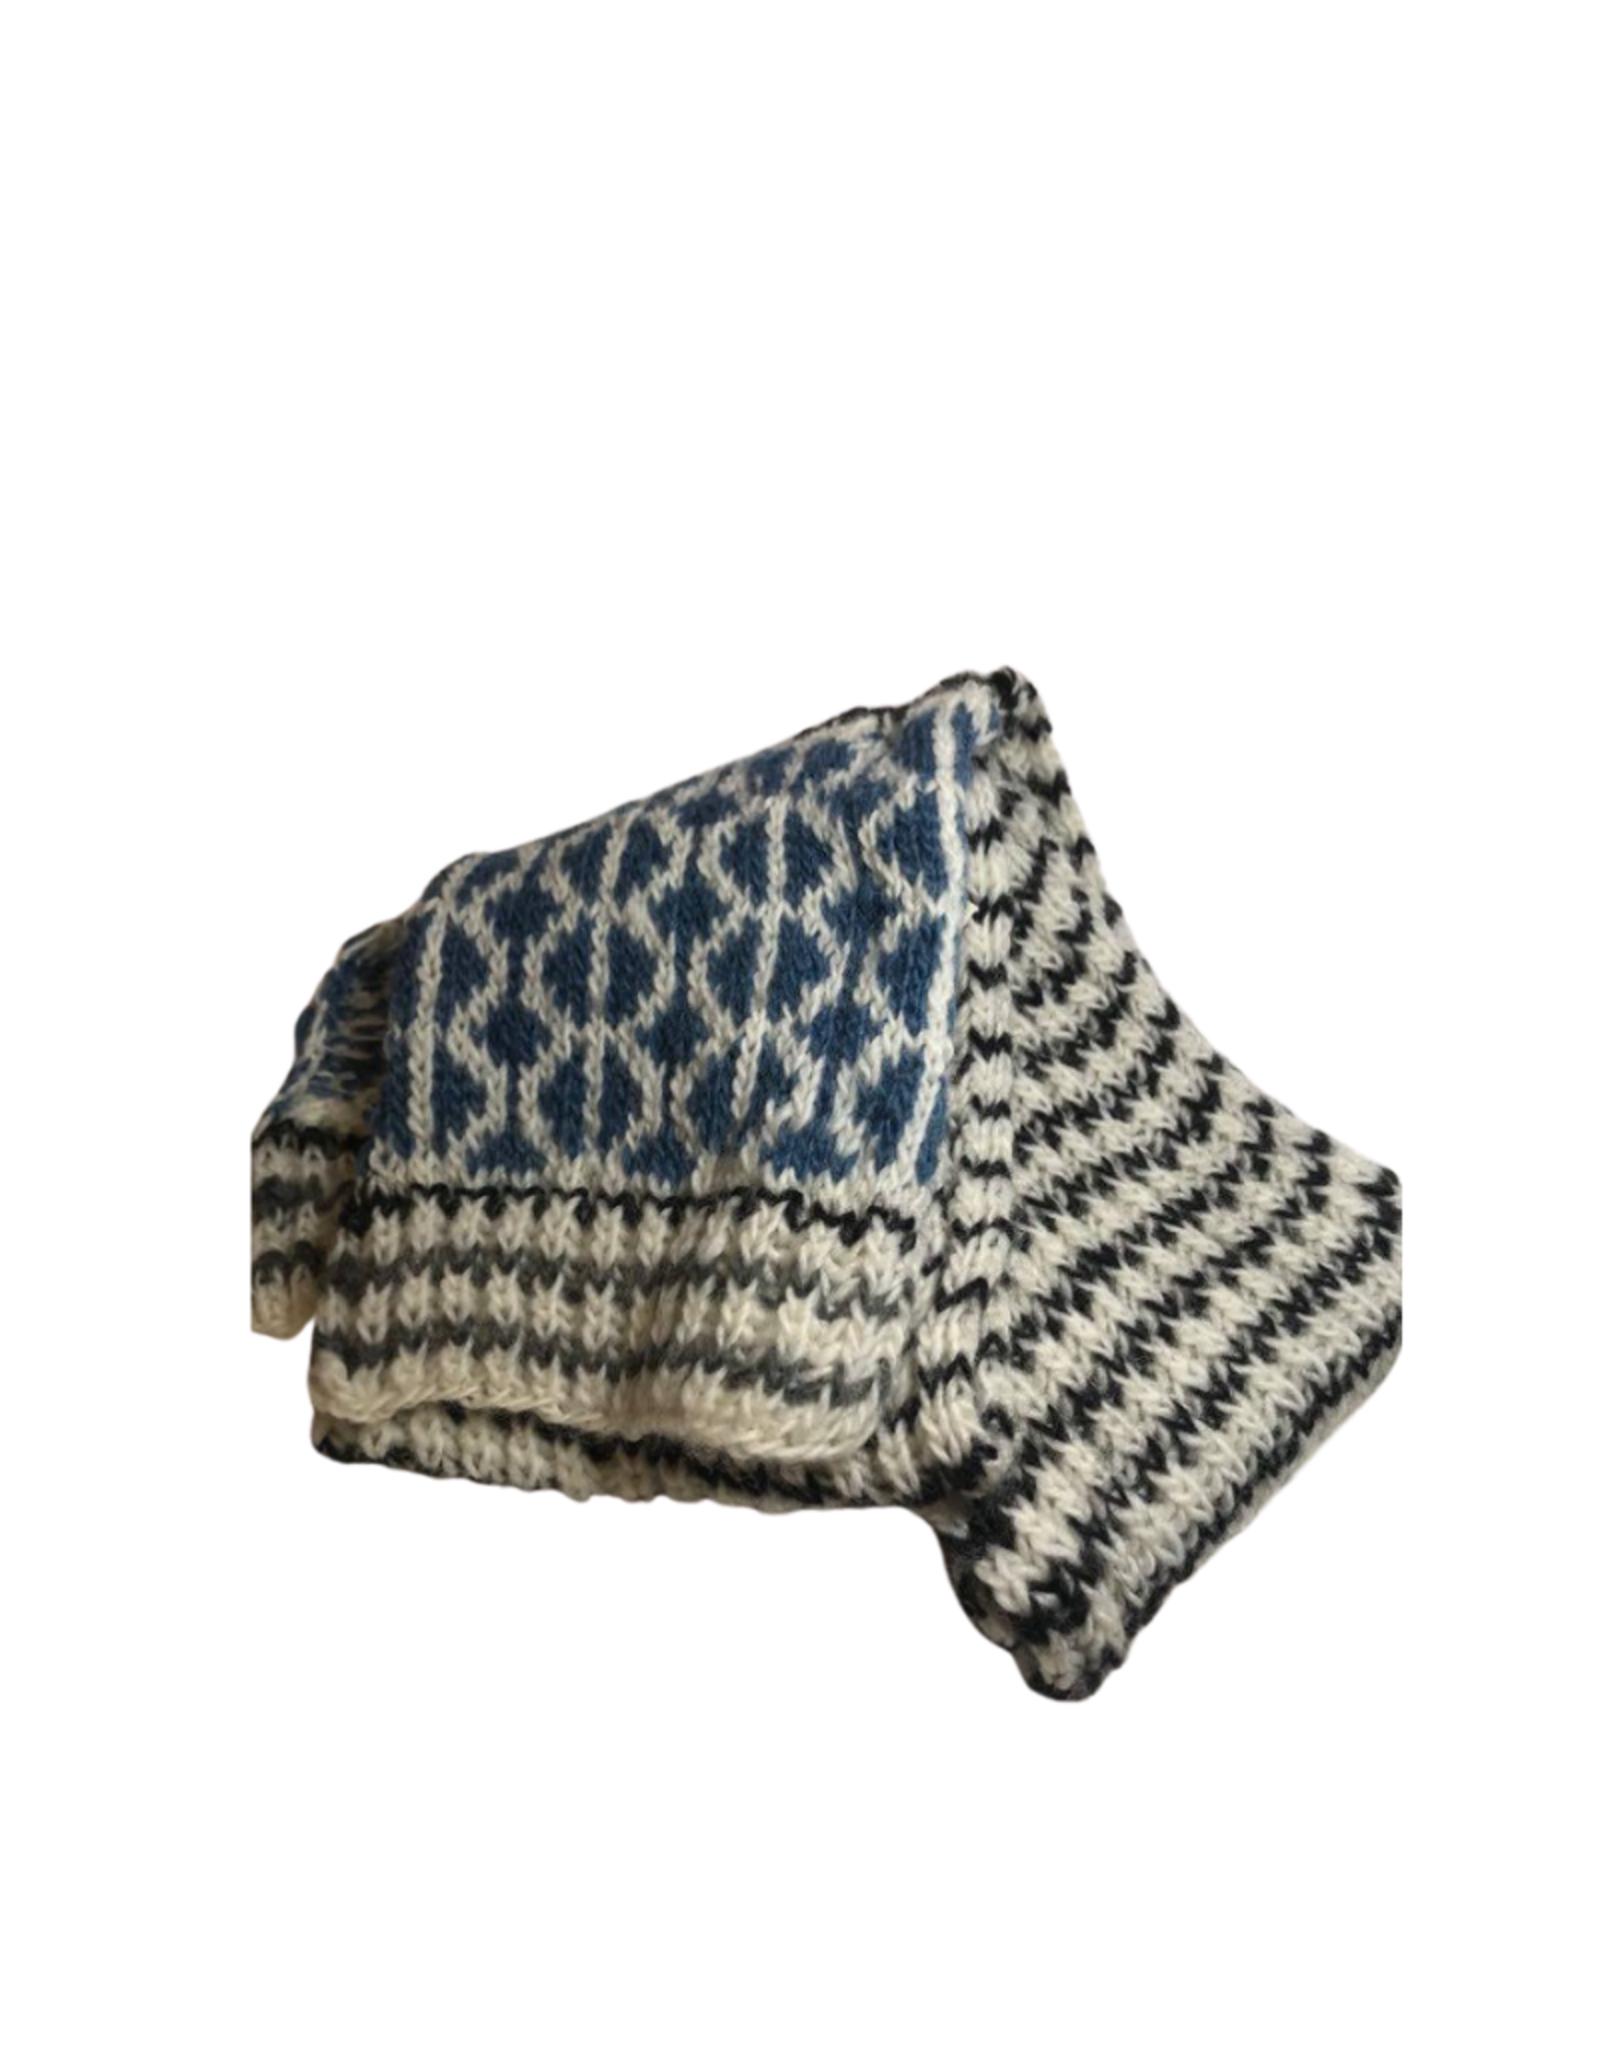 Scarf Geometric blu/wht/blk Wool